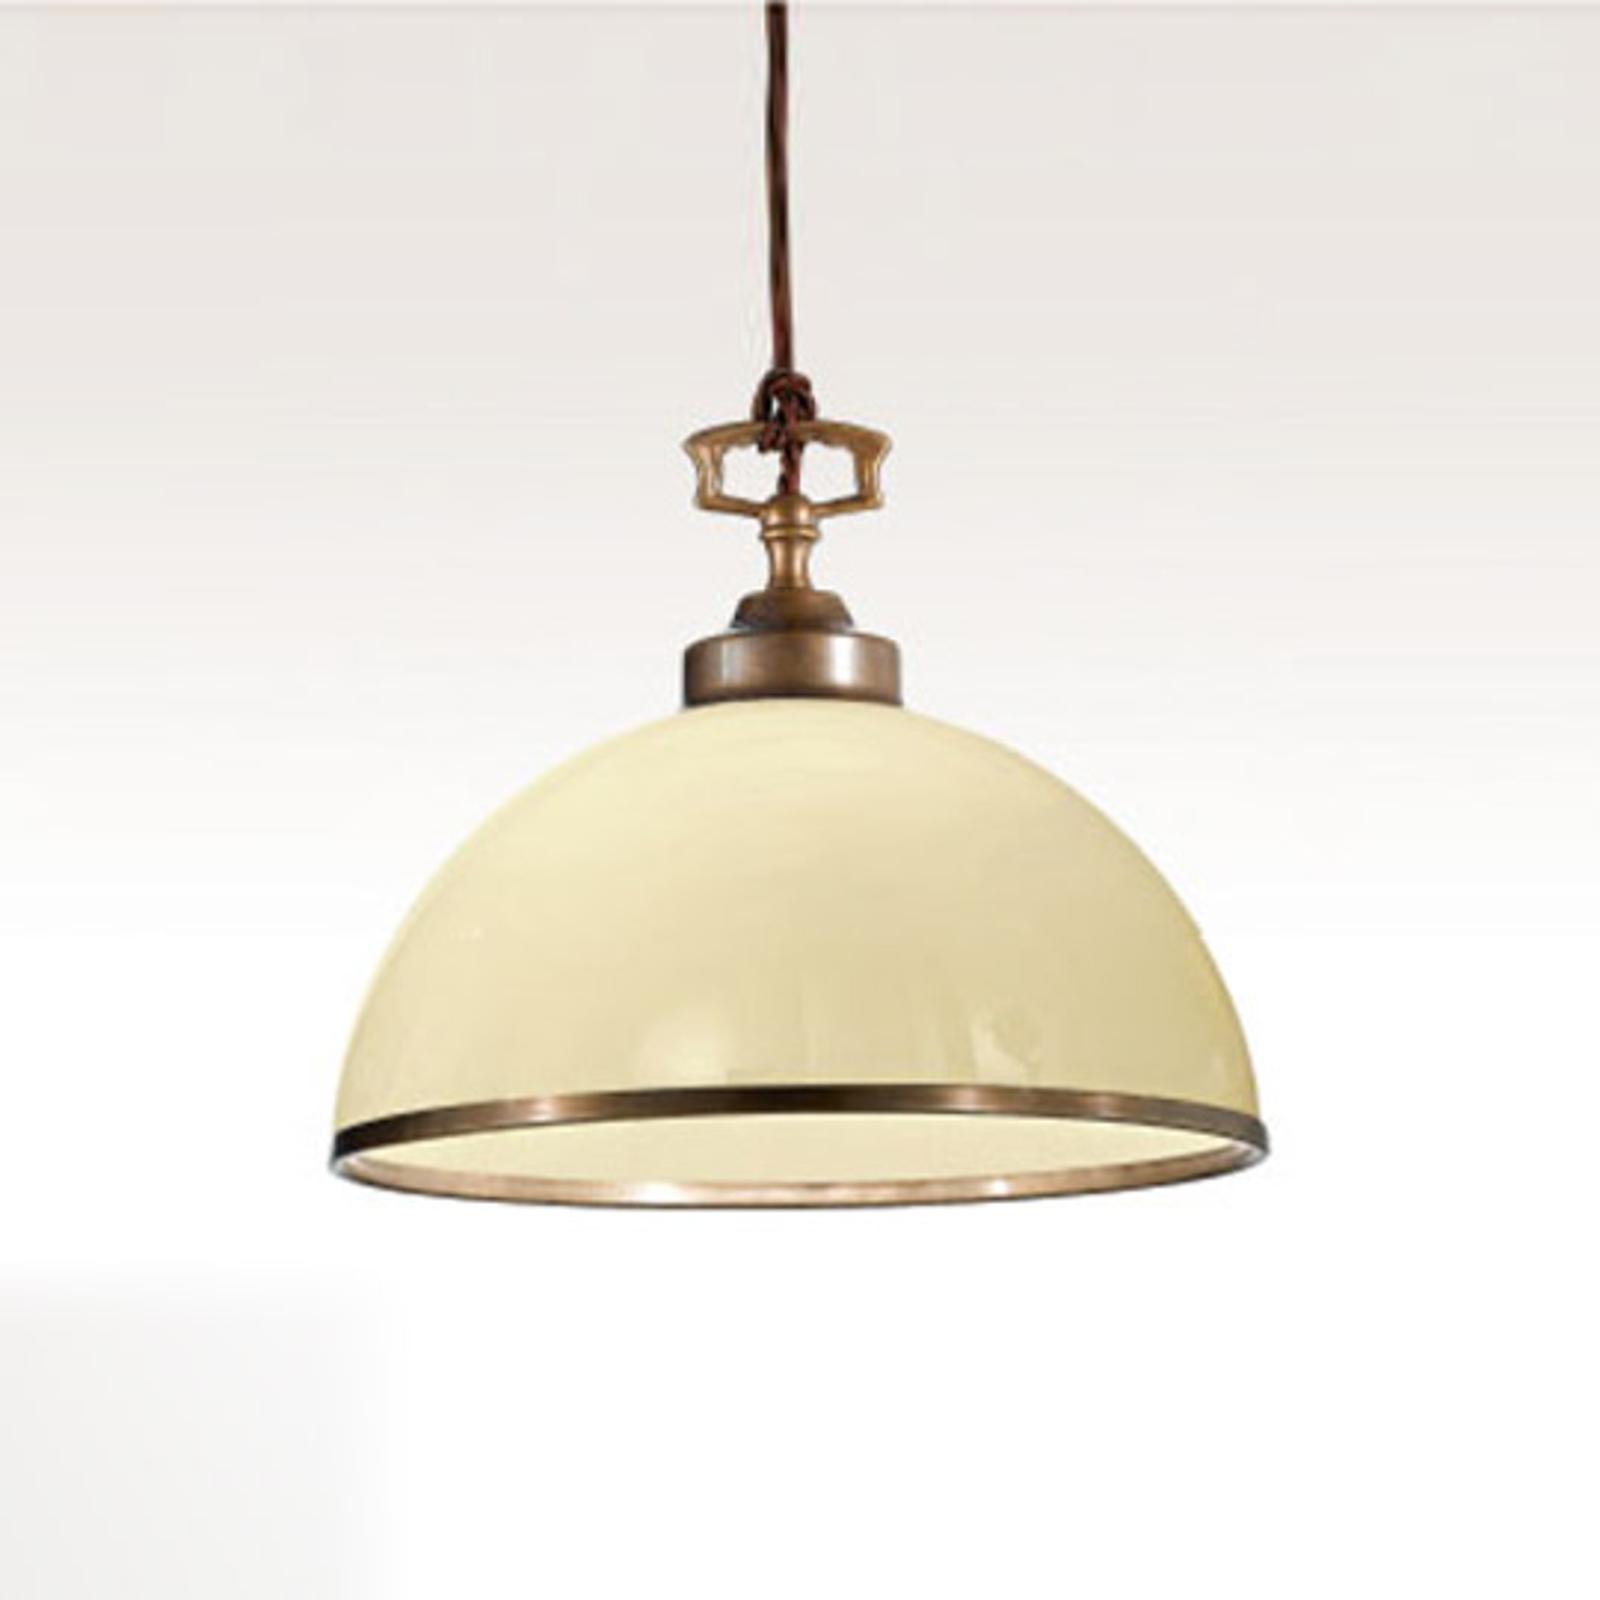 Závěsné světlo La Botte, slonovina